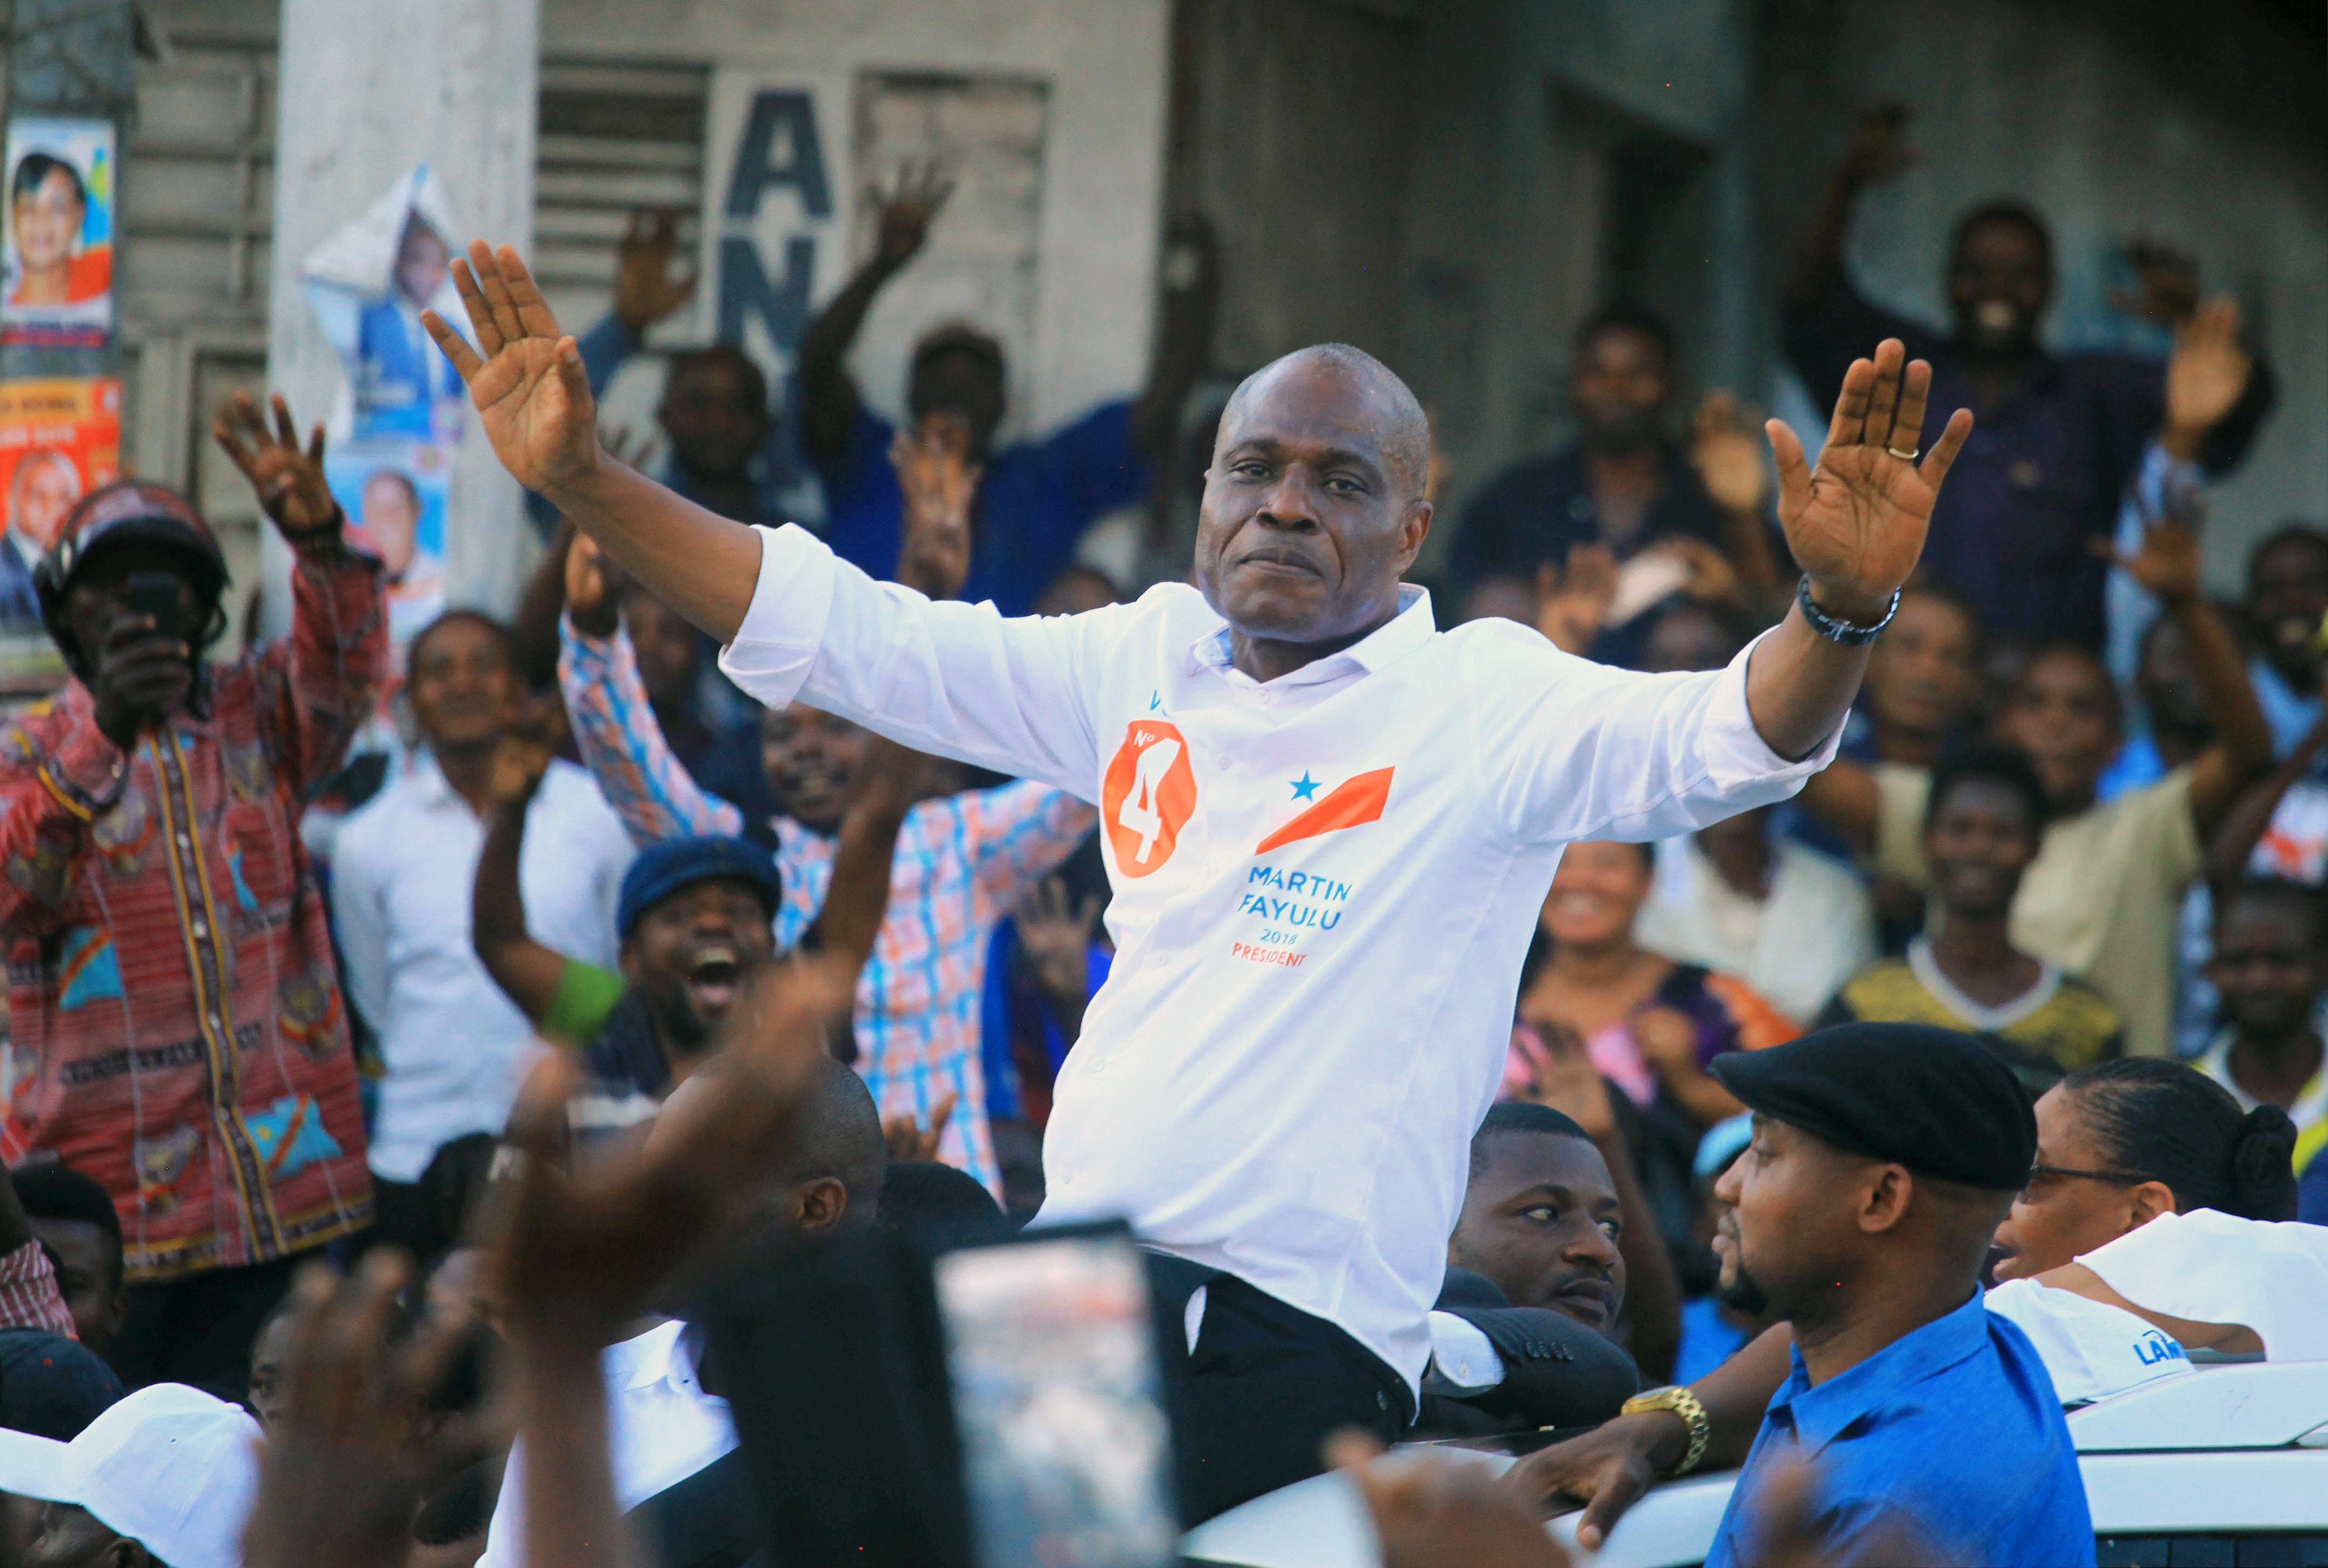 Martin Fayulu, candidat de la coalition Lamuka à la présidentielle en RDC, le 6 décembre à Goma, dans le Nord-Kivu.